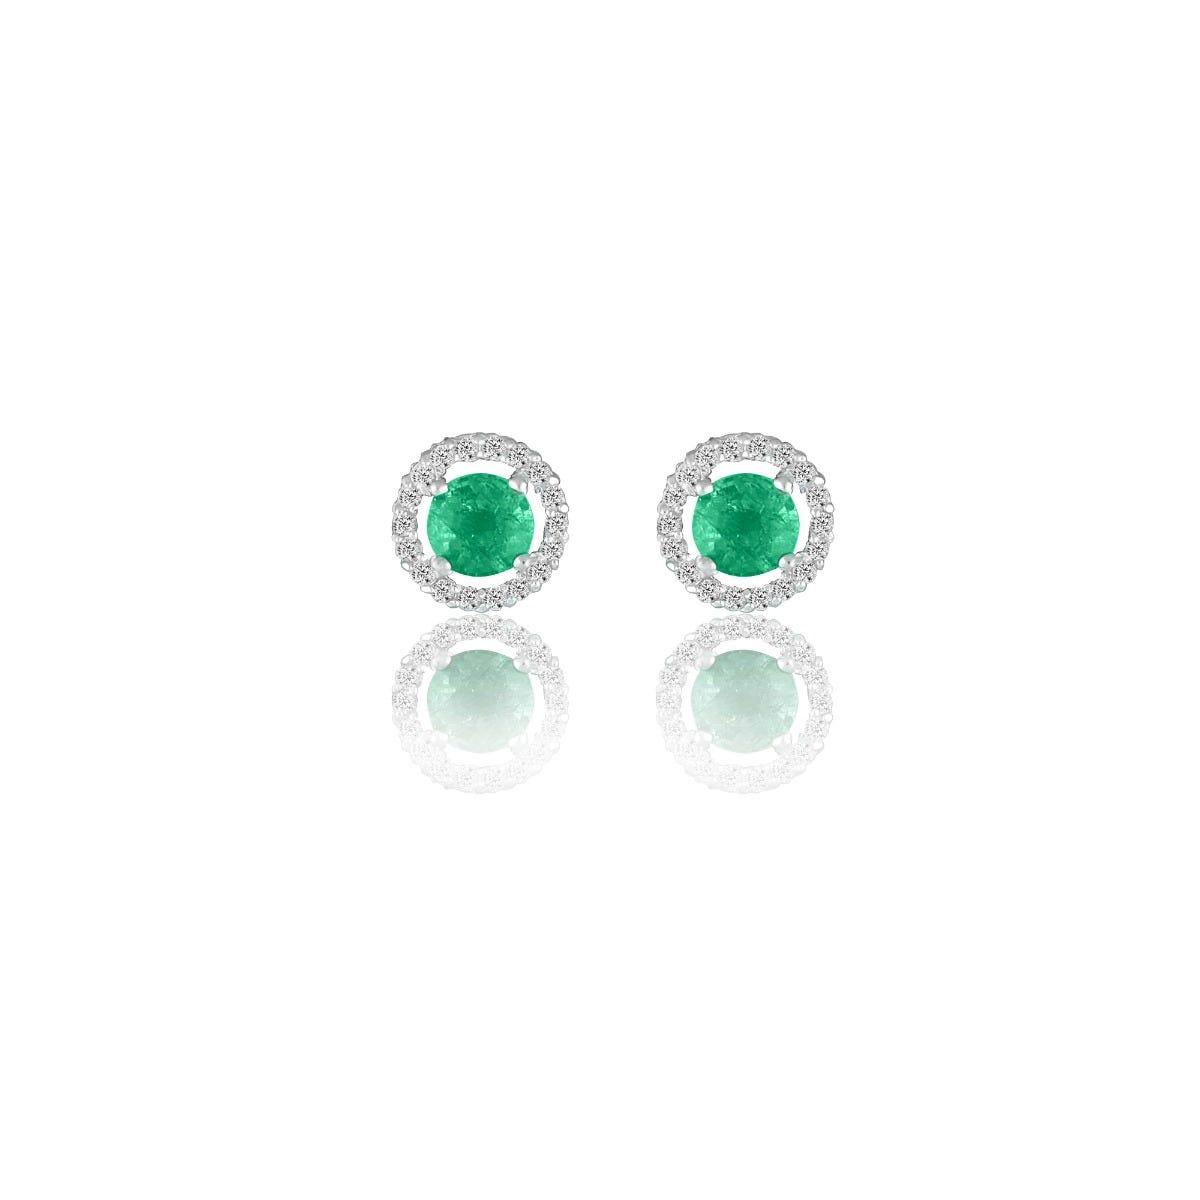 Emerald & Diamond Halo Stud Earrings in 14k White Gold